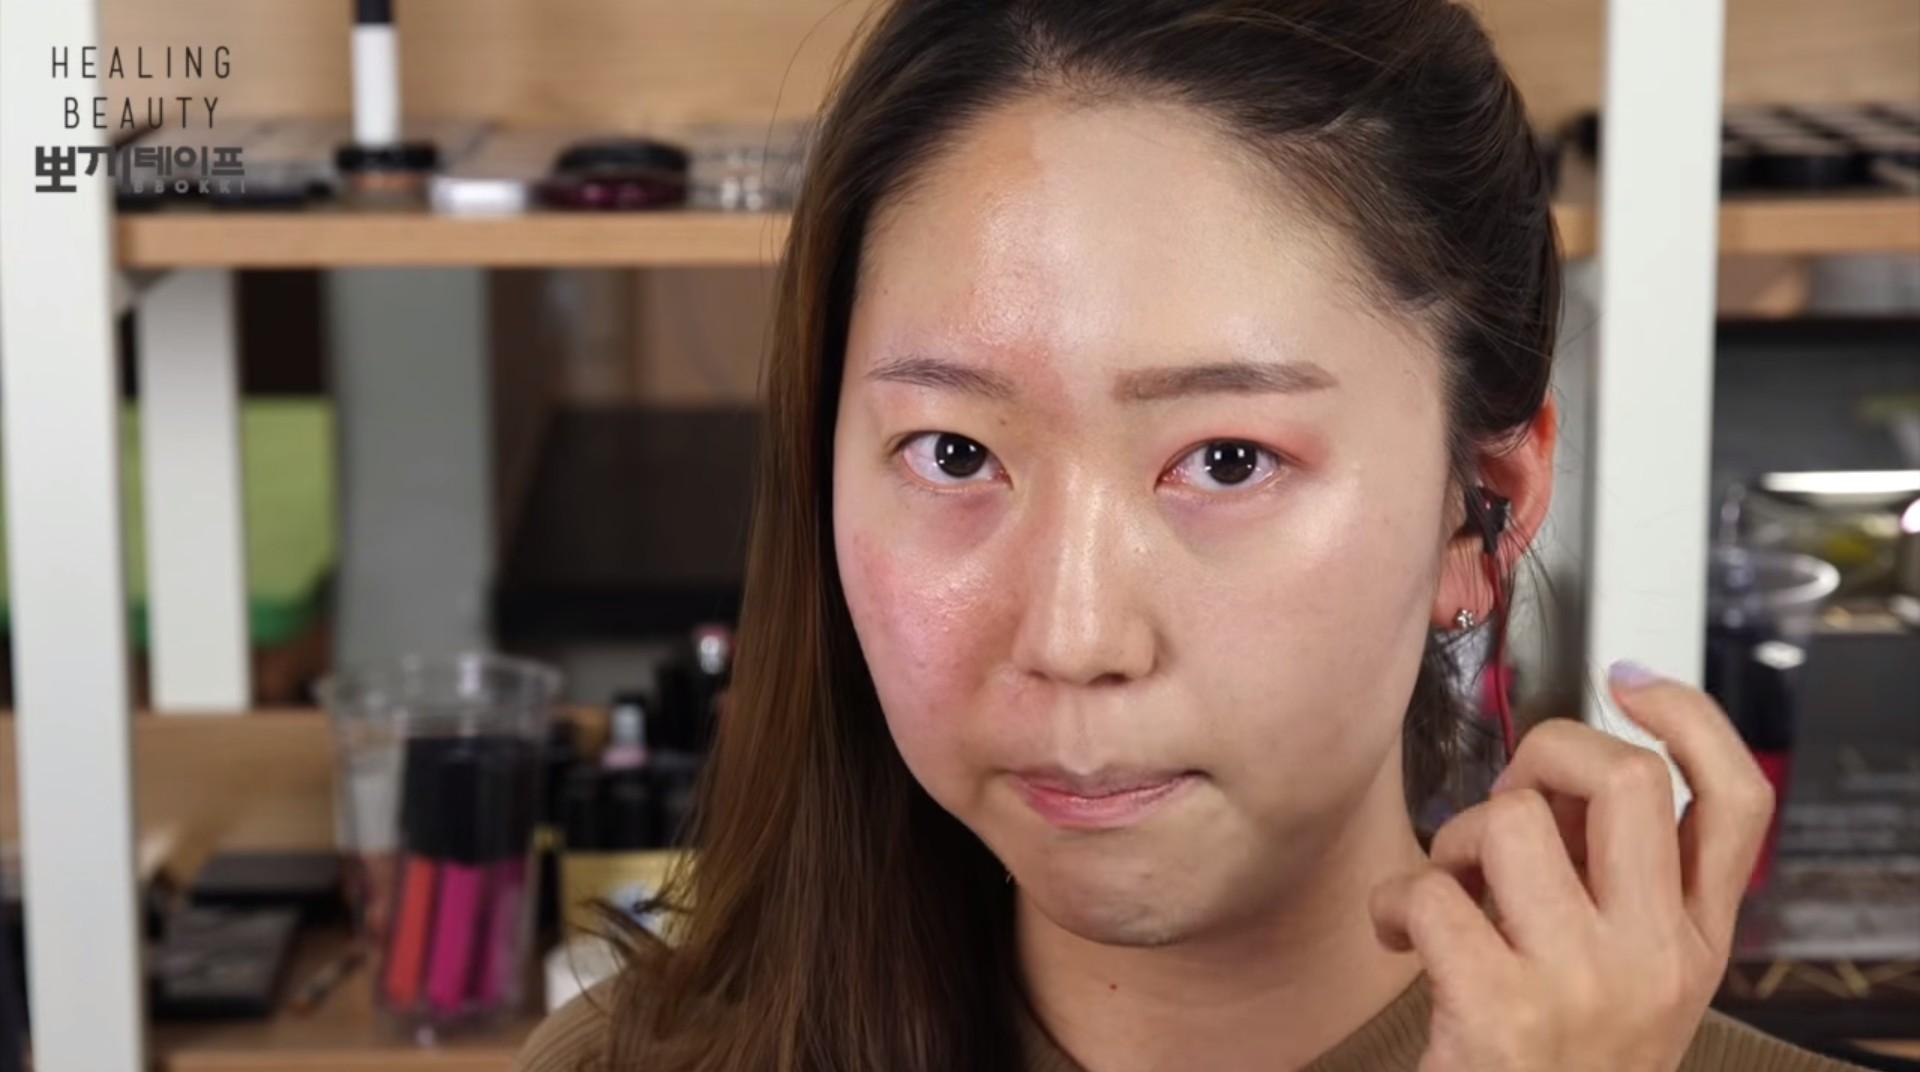 這樣說好像很誇張,但如果妳看過Yoo True自己拍下來的「半面妝」影片,就會覺得她真的很厲害! *若影片無法觀賞,請點擊來源出處